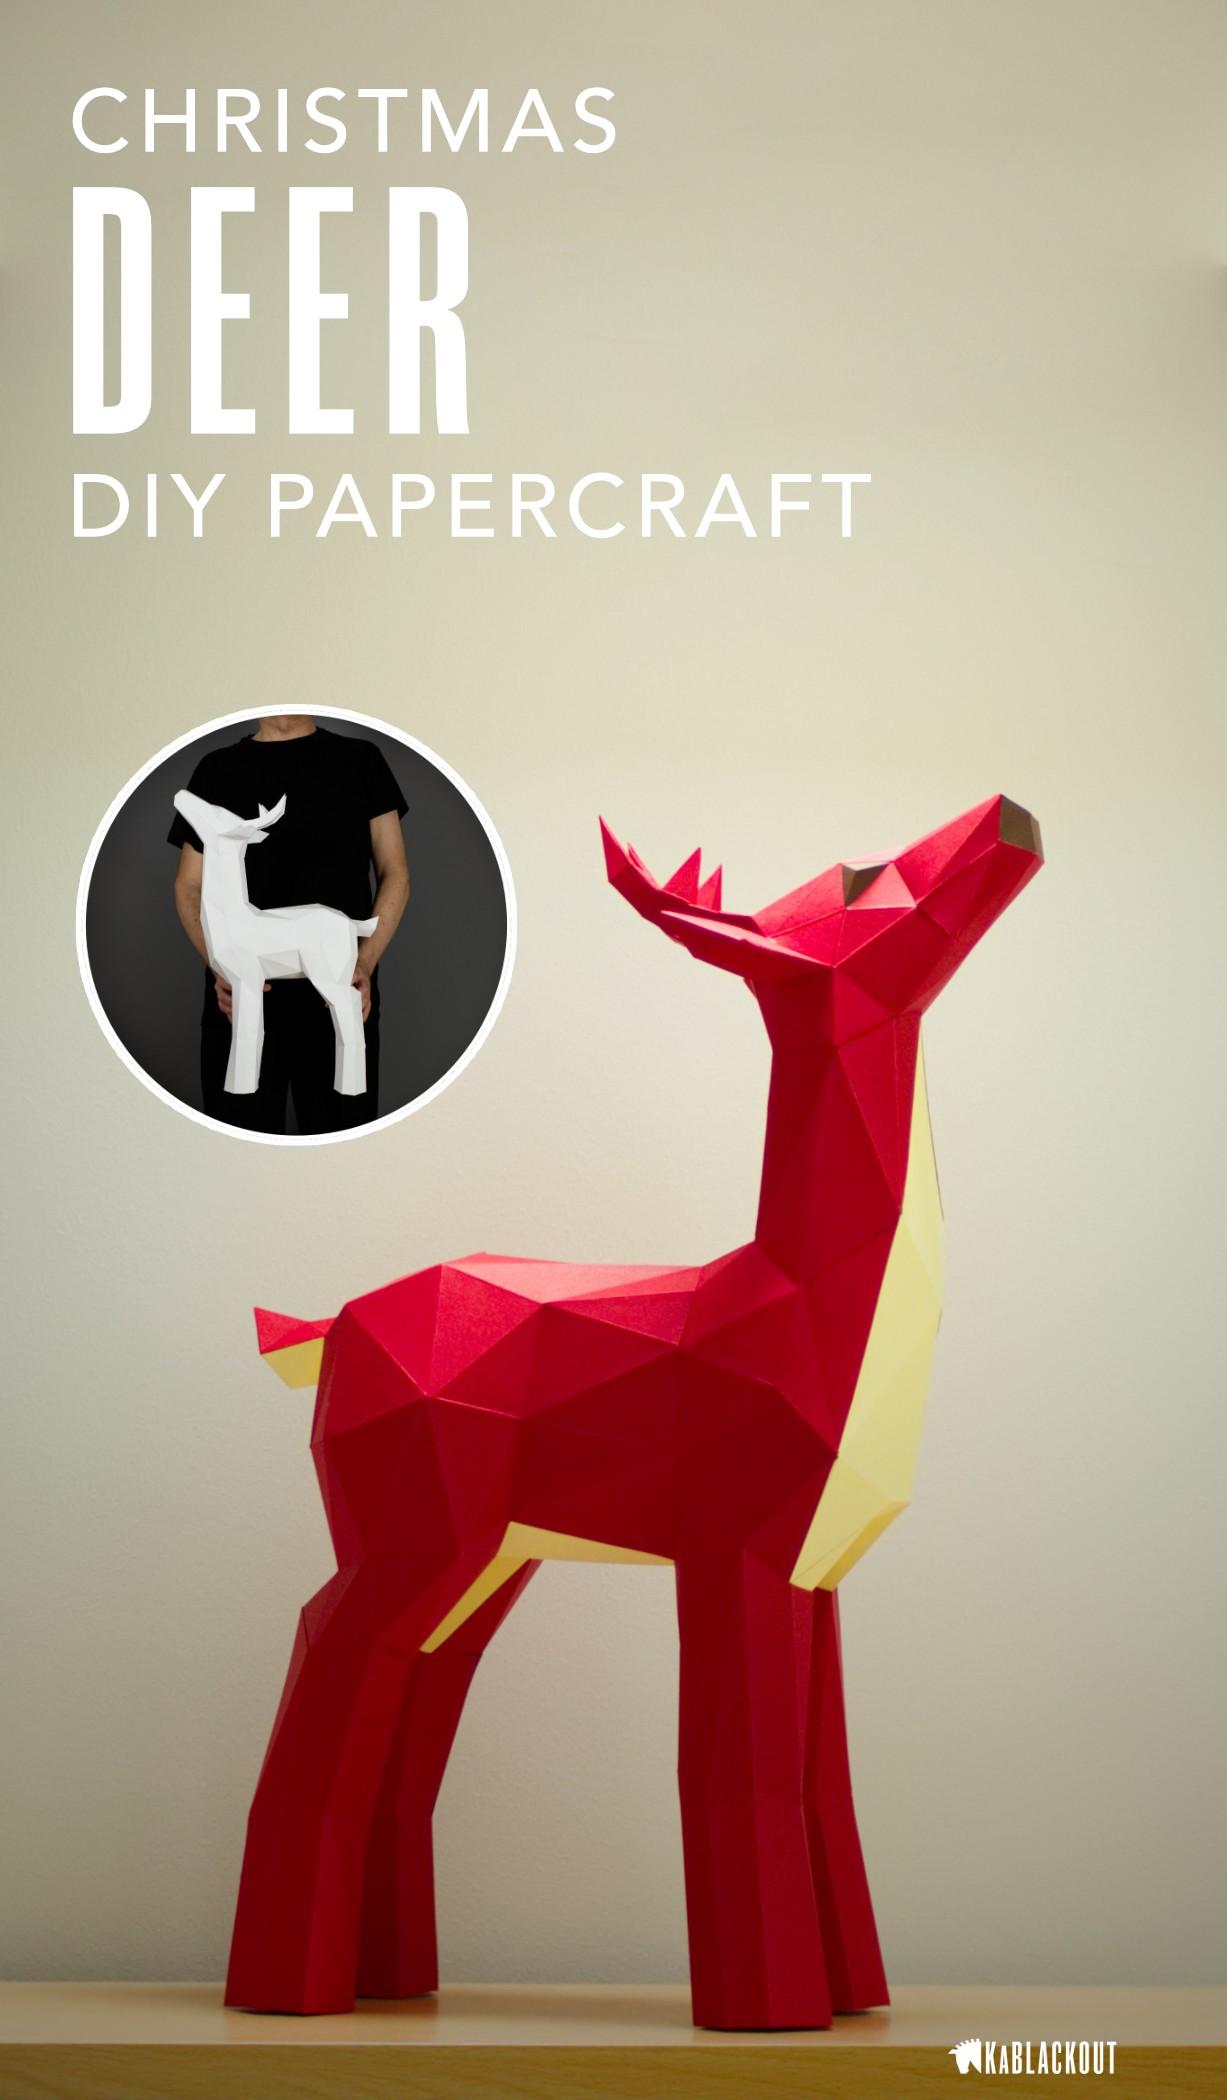 Papercraft Ideas Deer Papercraft Papercraft Deer Diy Deer Low Poly Deer Deer